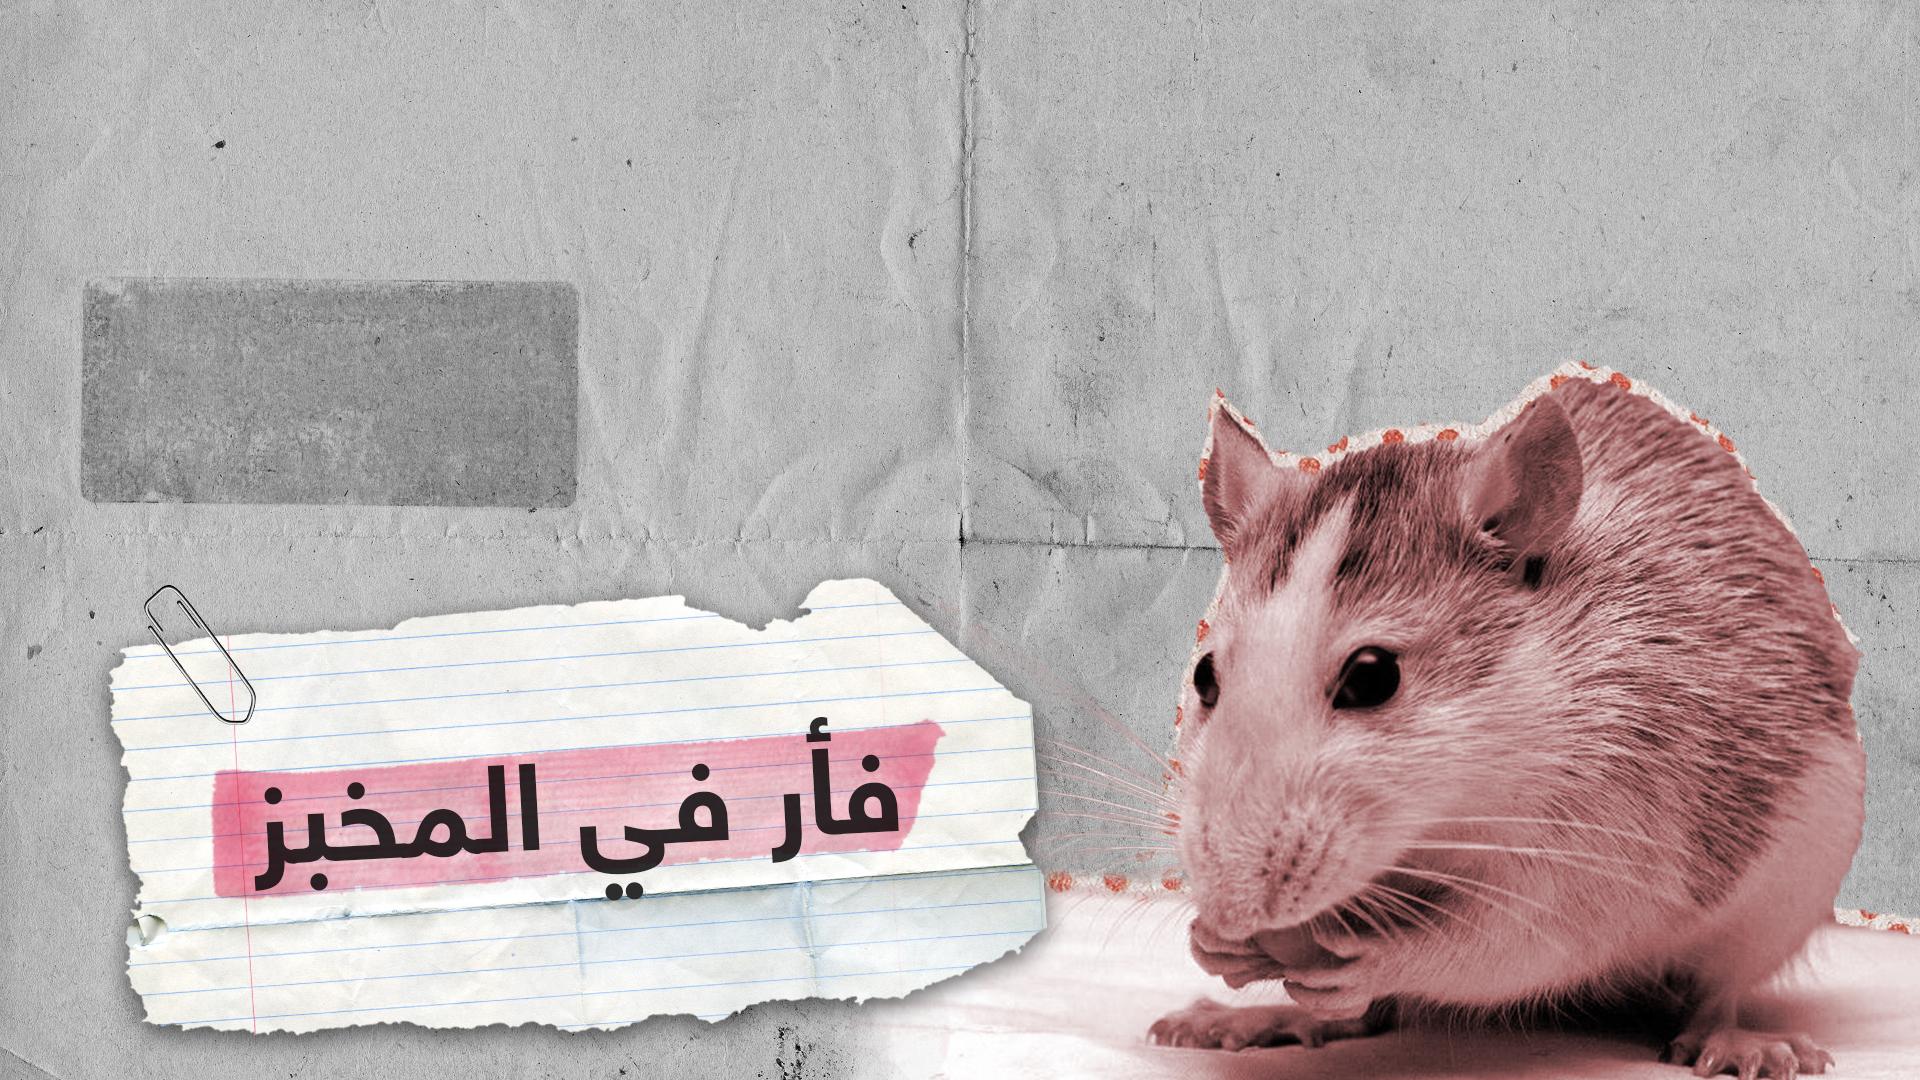 فأر في مخبز يثير غضب المواطنين بالأردن